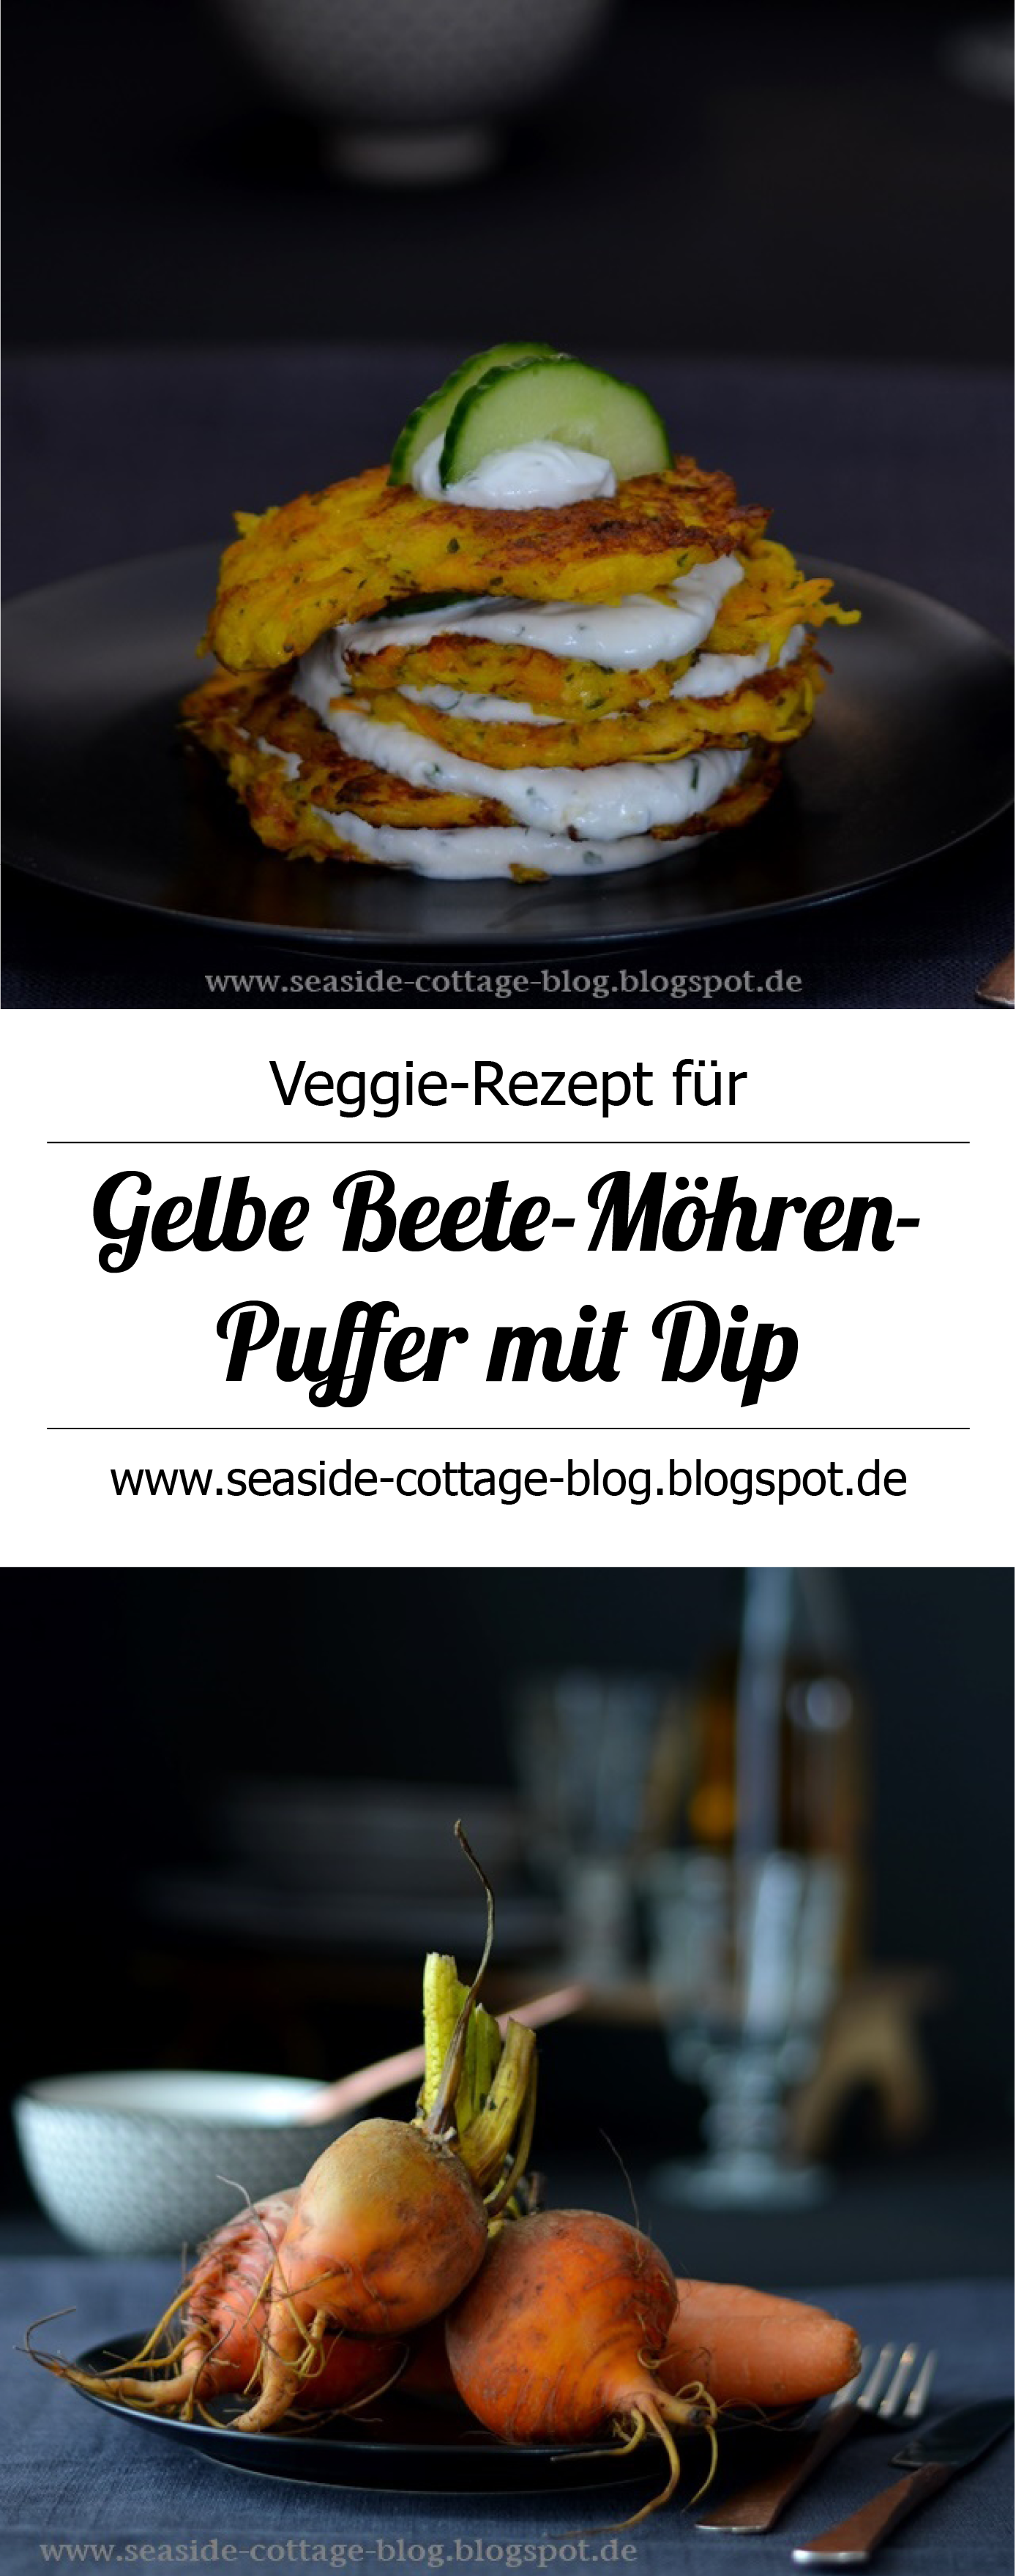 Rezept für vegetarische Bratlinge mit gelber Beete und Möhren und ein Dip aus Skyr mit Kräutern und Ingwer